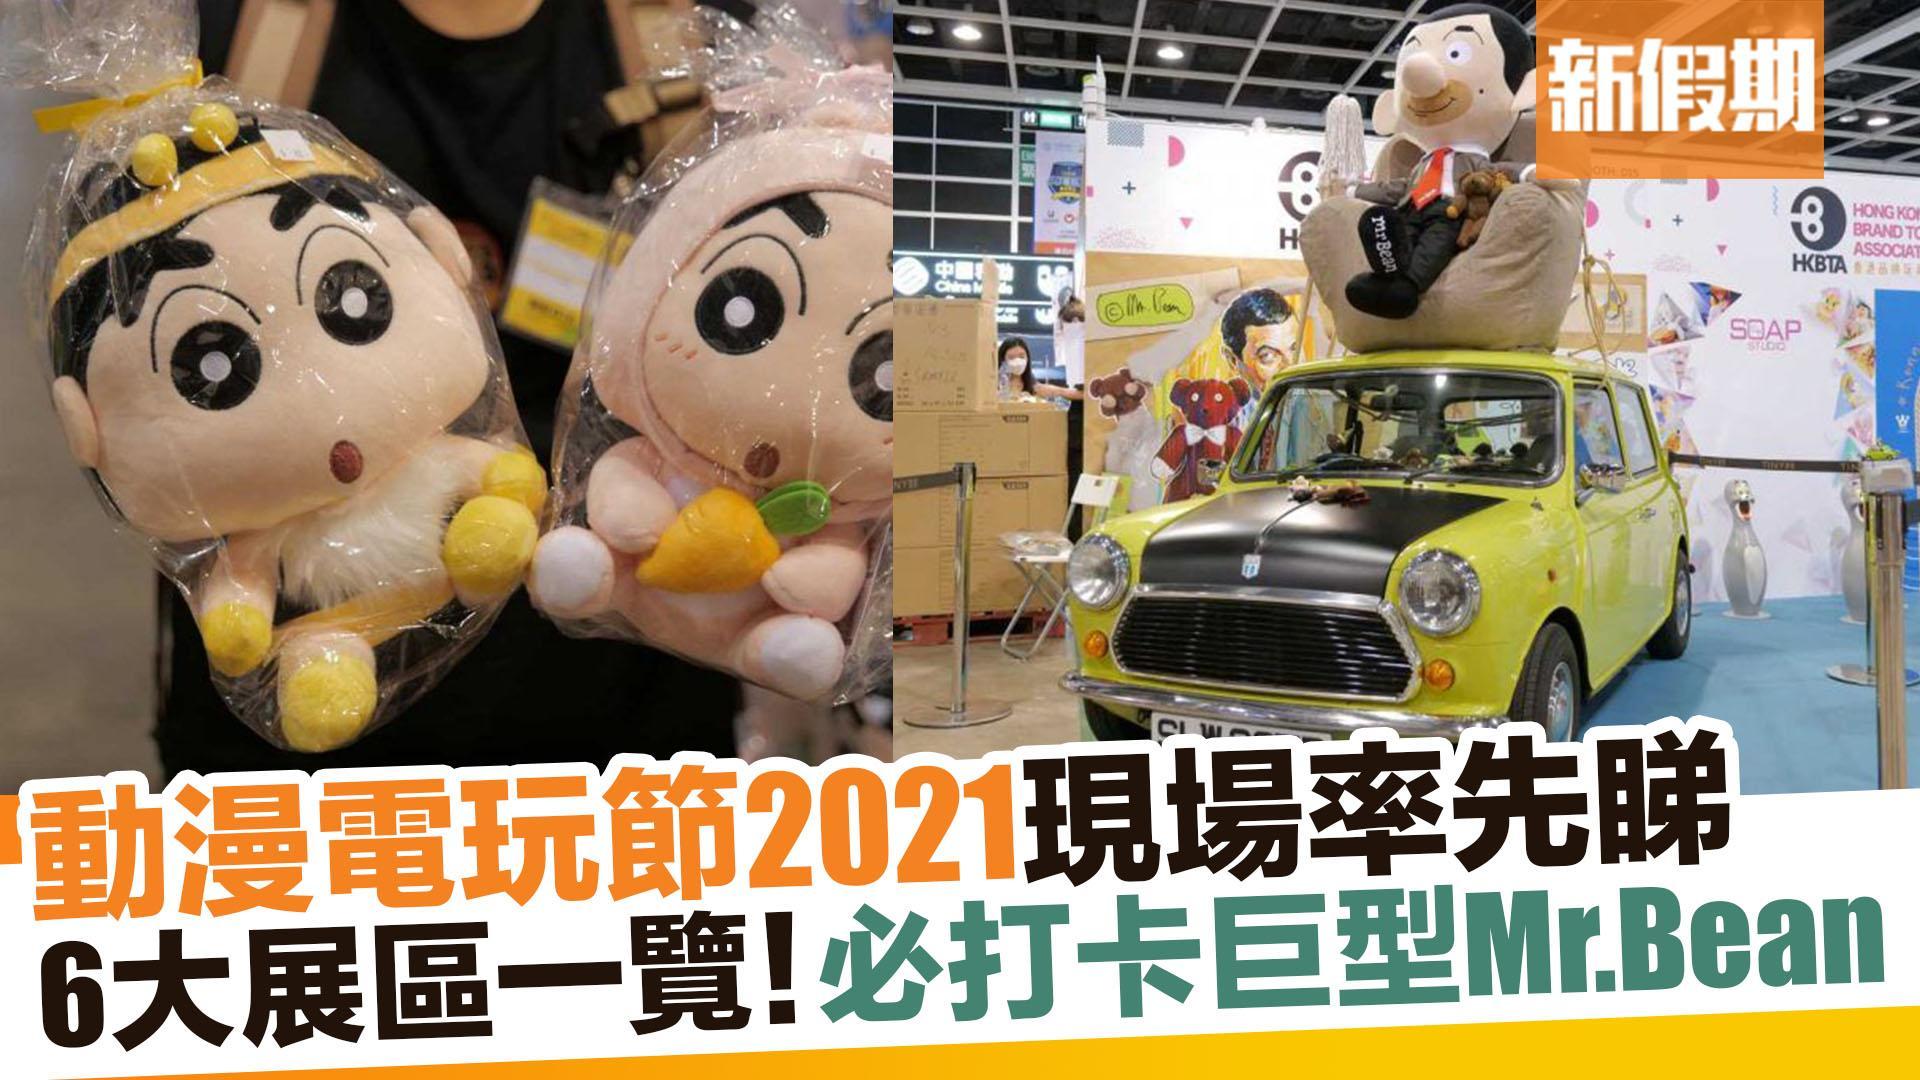 【香港好去處】動漫節2021現場直擊!6大必到:扭蛋區+必打卡巨型Mr Bean 新假期